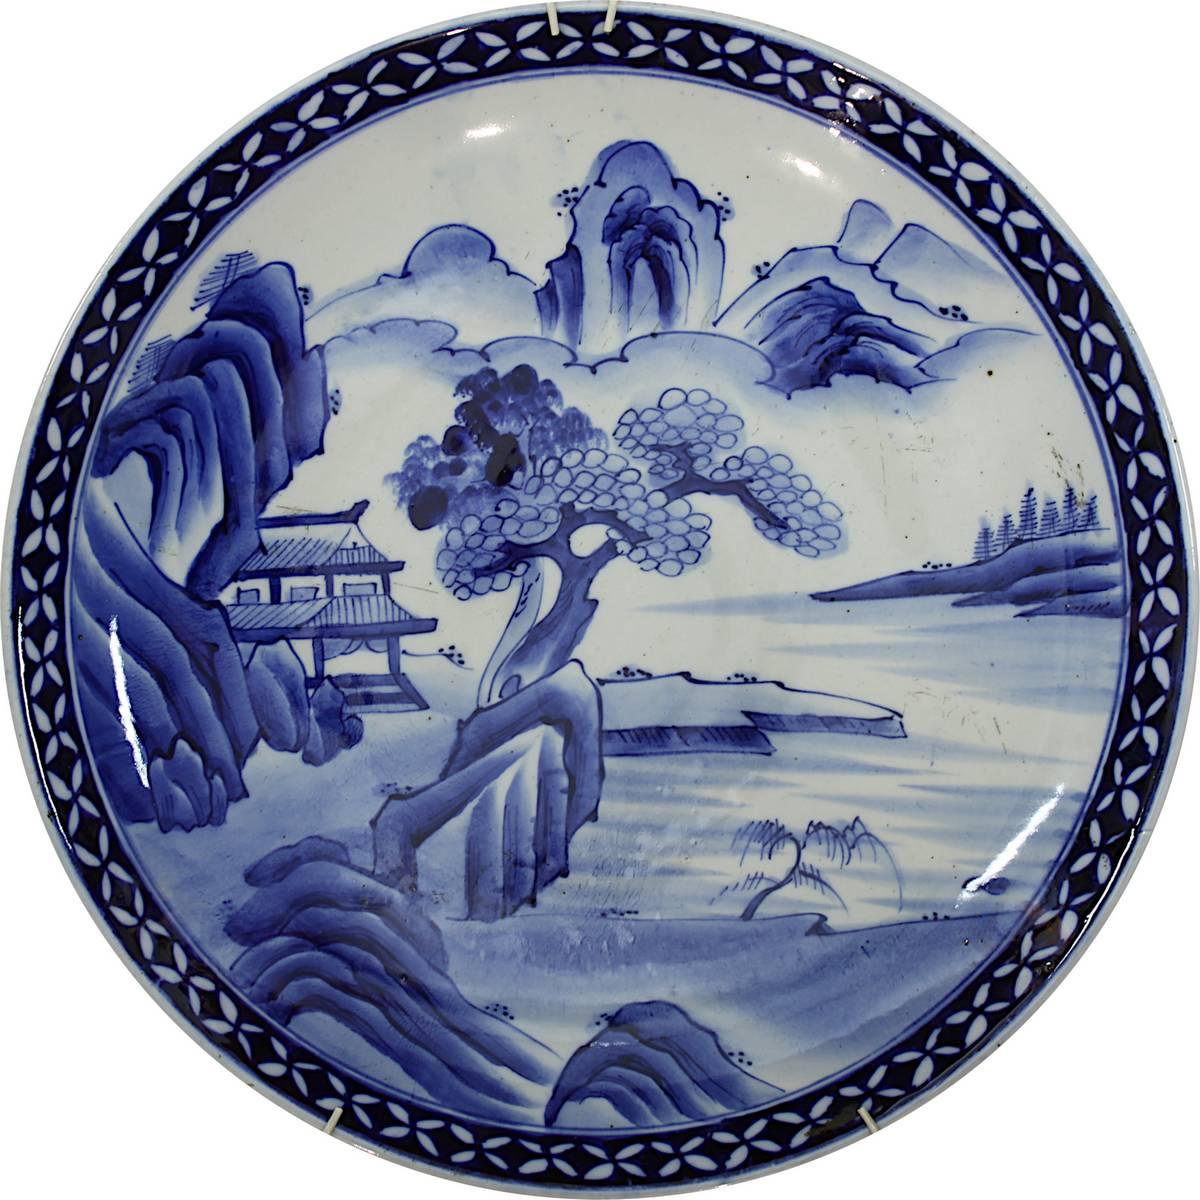 1-0023 - Großer chinesischer Porzellanteller mit Landschaftsansicht Image